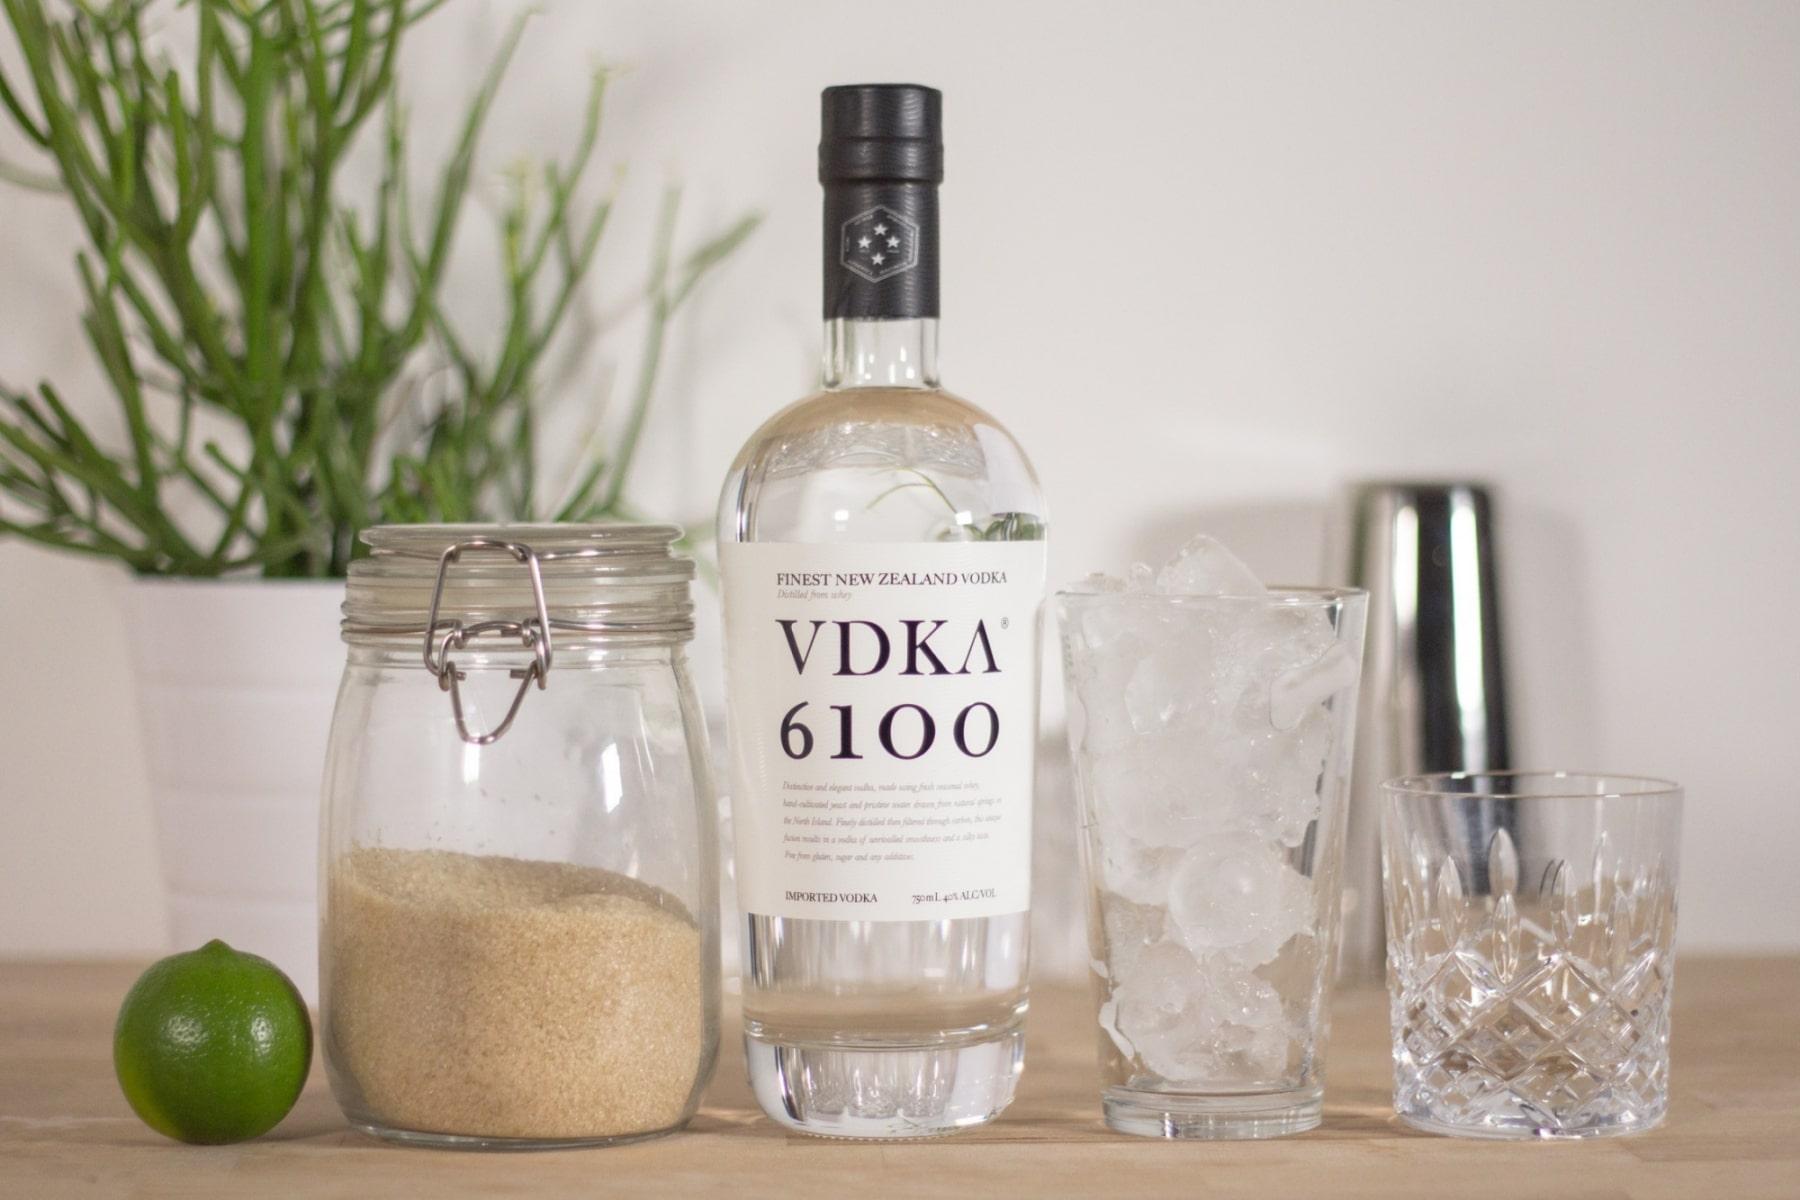 vdka 6100 bottle view